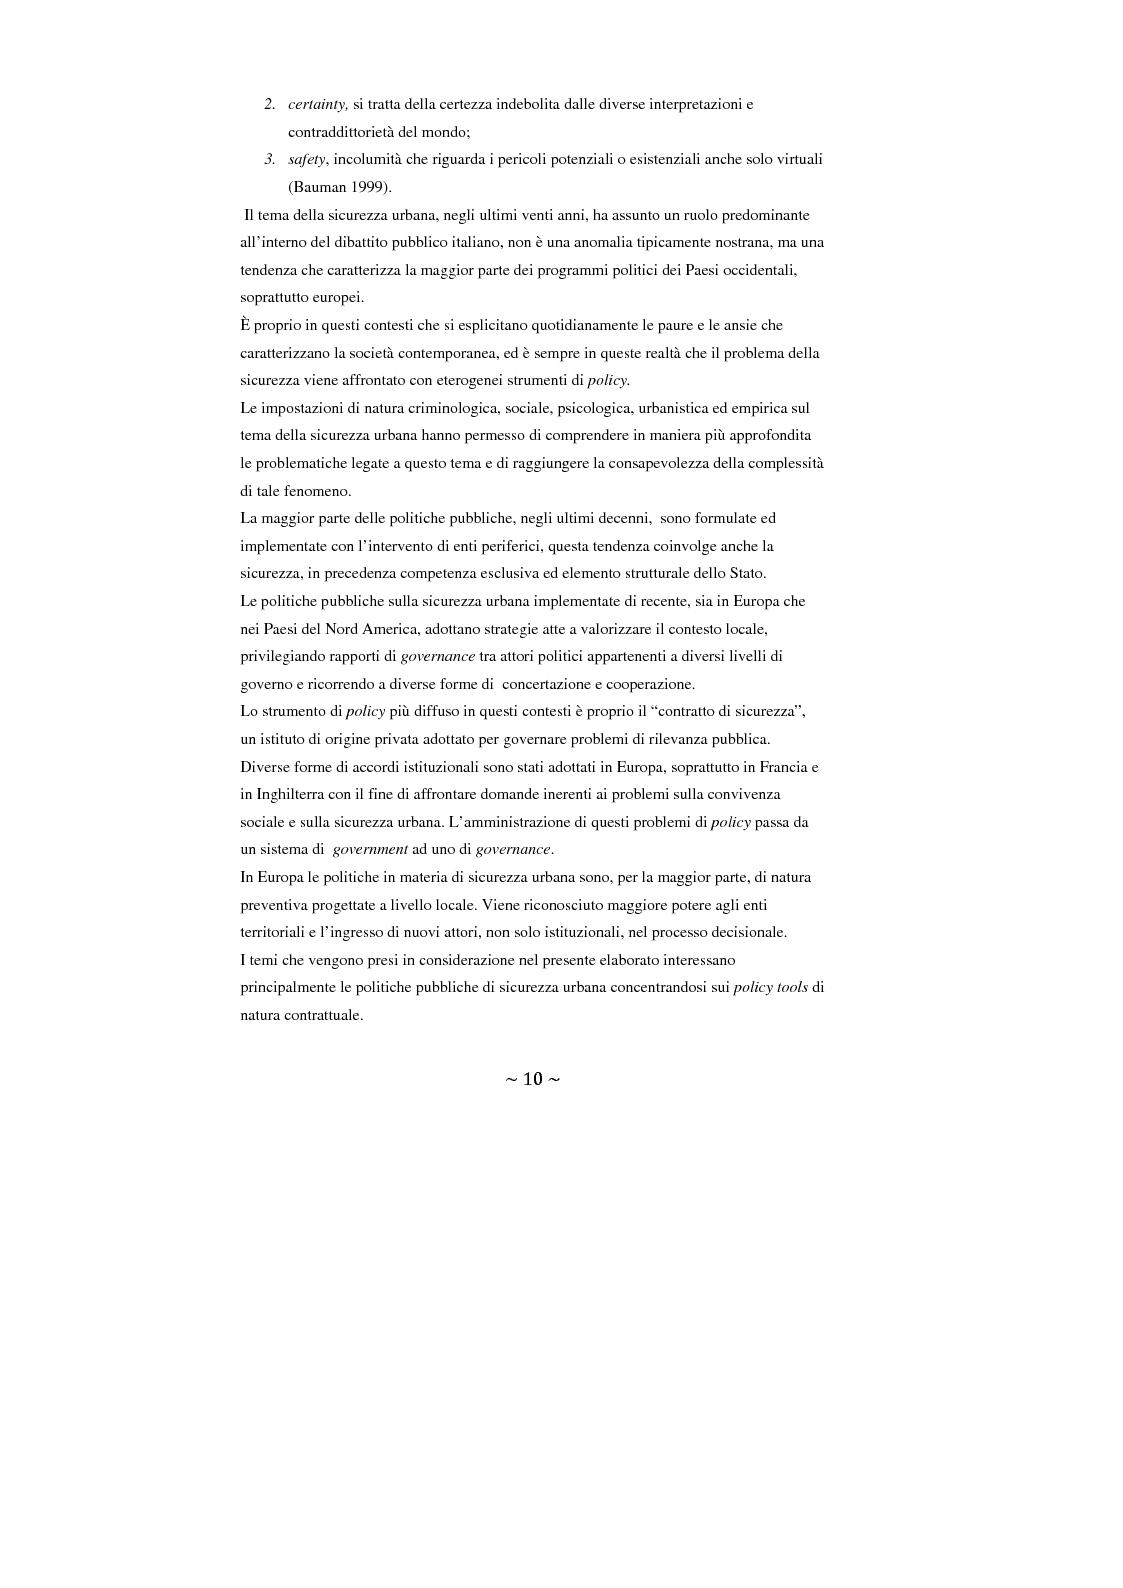 Anteprima della tesi: Contrattualizzare la sicurezza urbana, Pagina 3